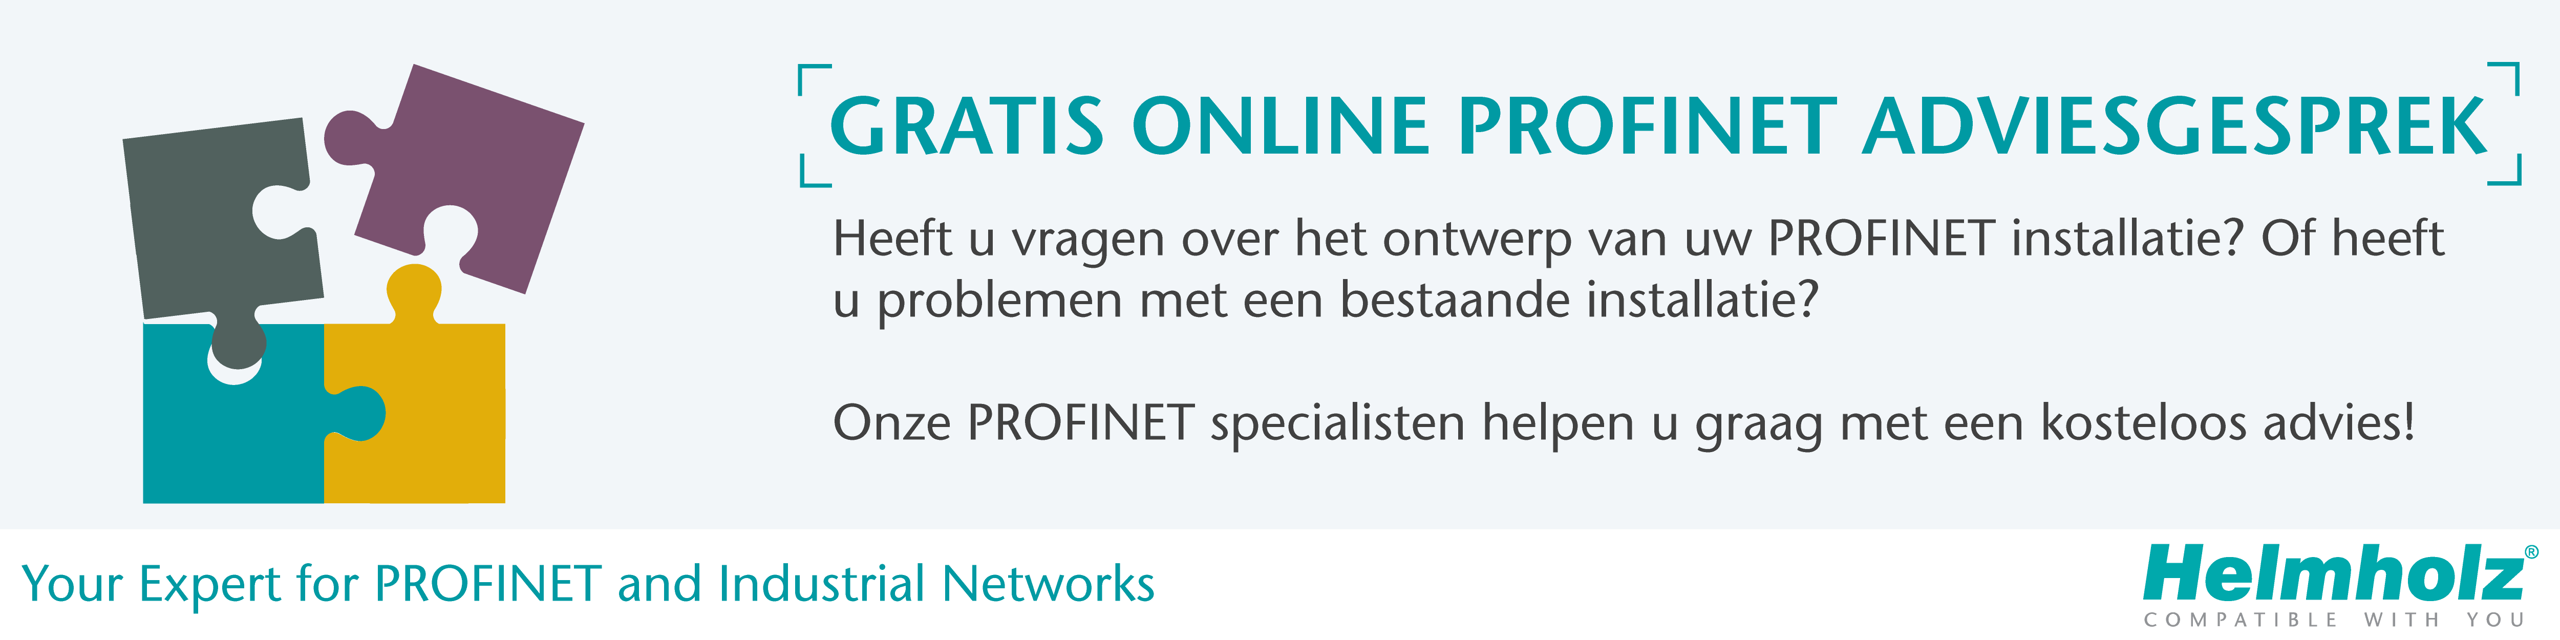 Online adviesgesprek